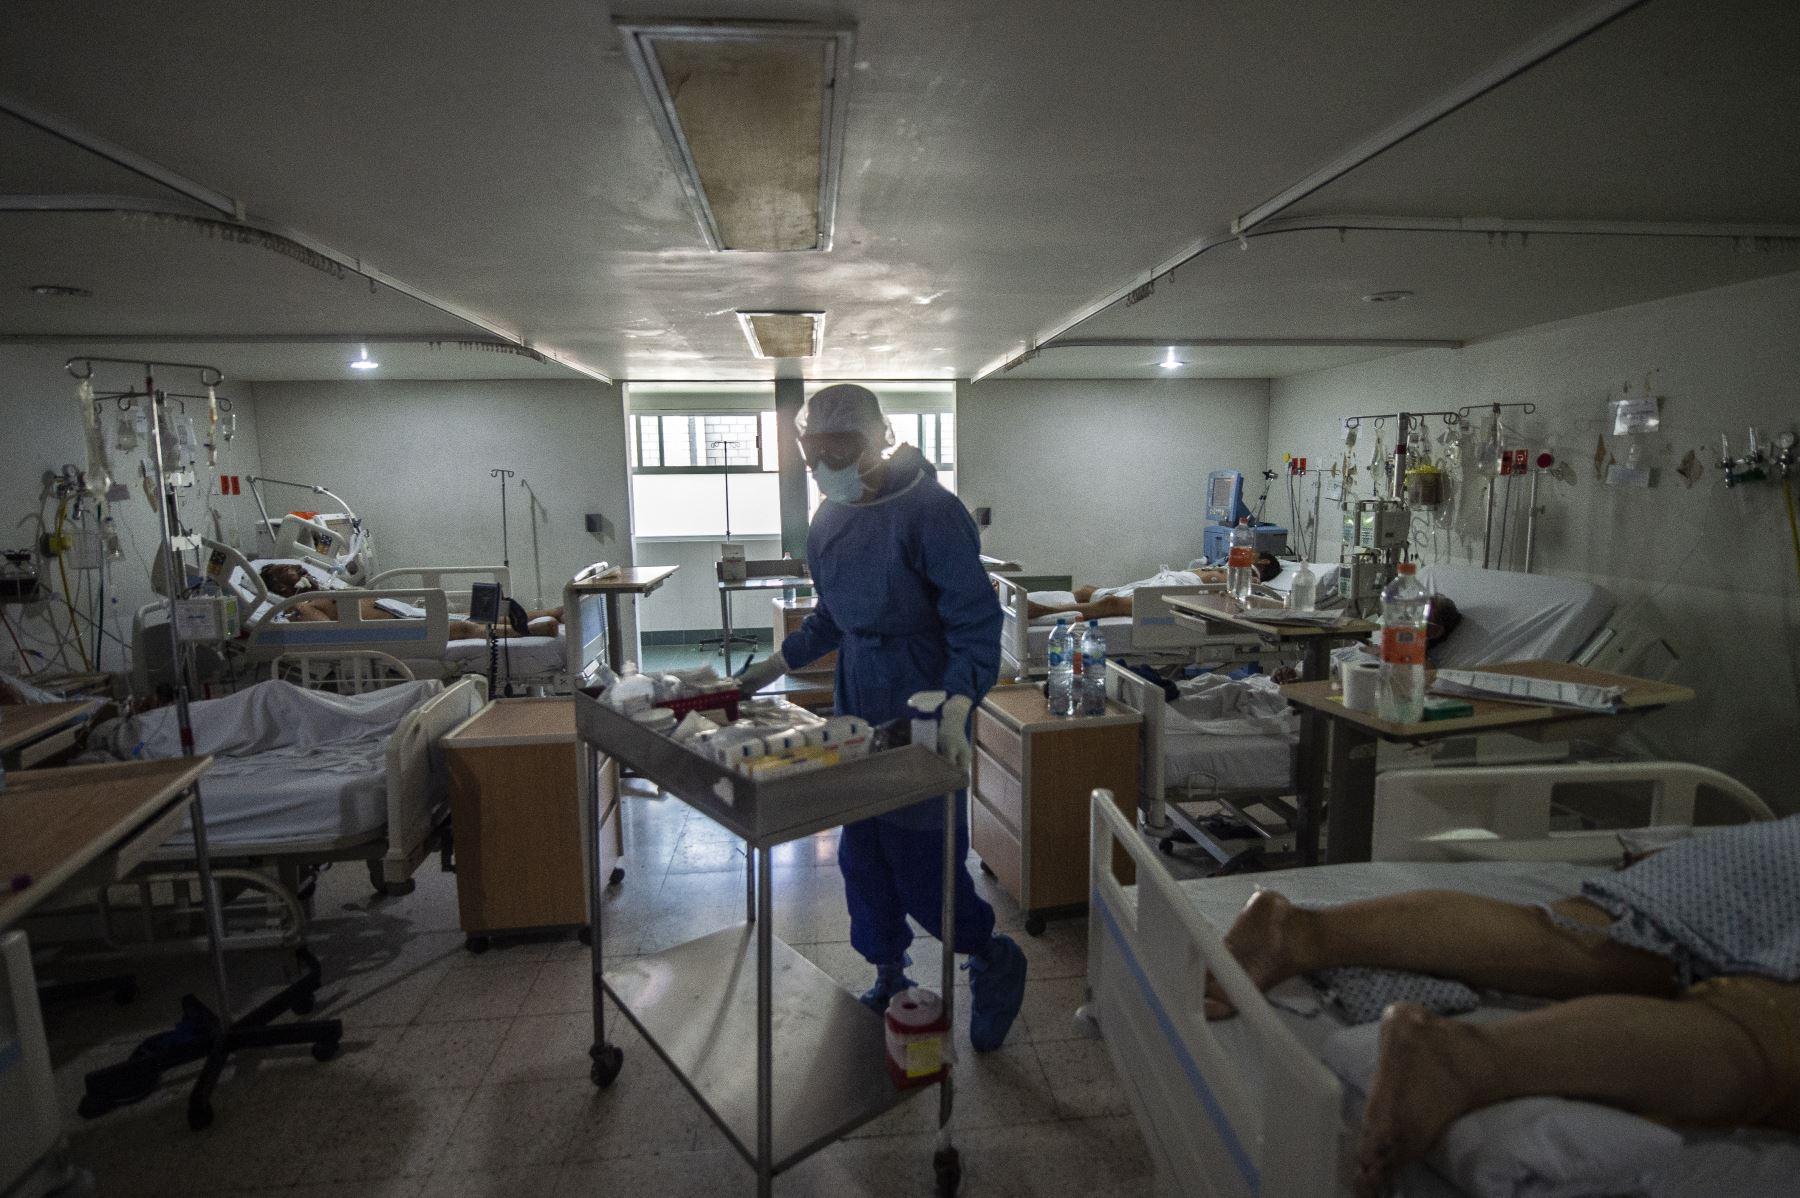 Los casos de covid-19 confirmados por la Organización Mundial de la Salud (OMS) en todo el mundo alcanzaron hoy los 5,3 millones de los que 342,029 han fallecido. Foto: AFP